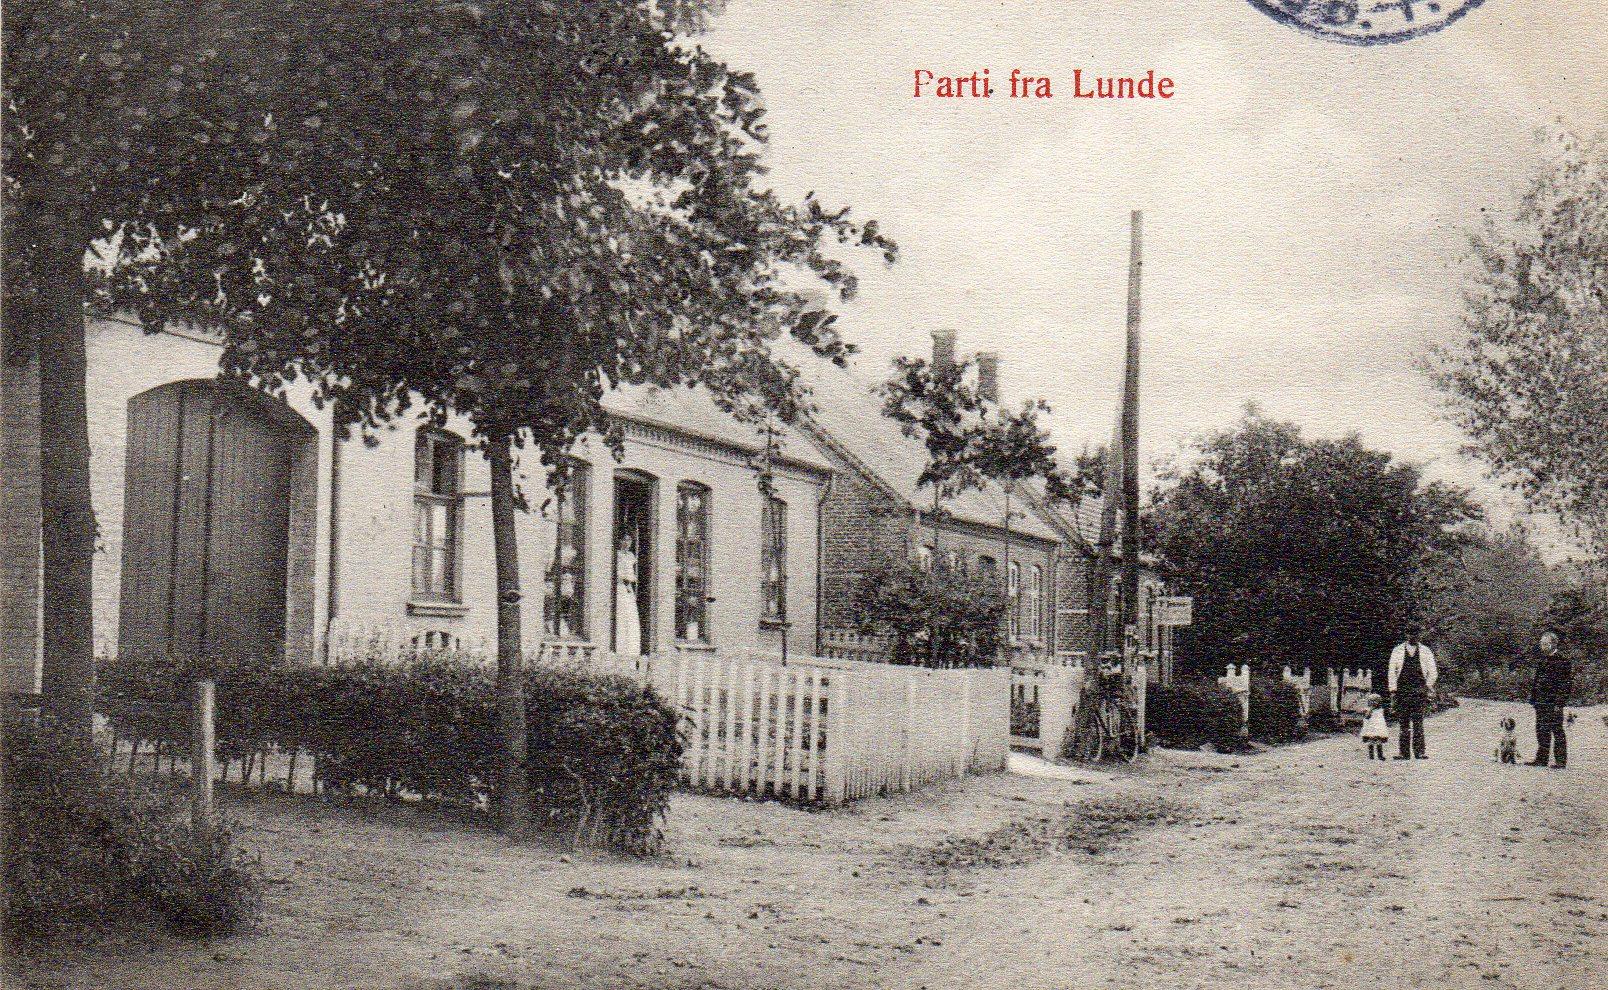 Parti fra Lunde